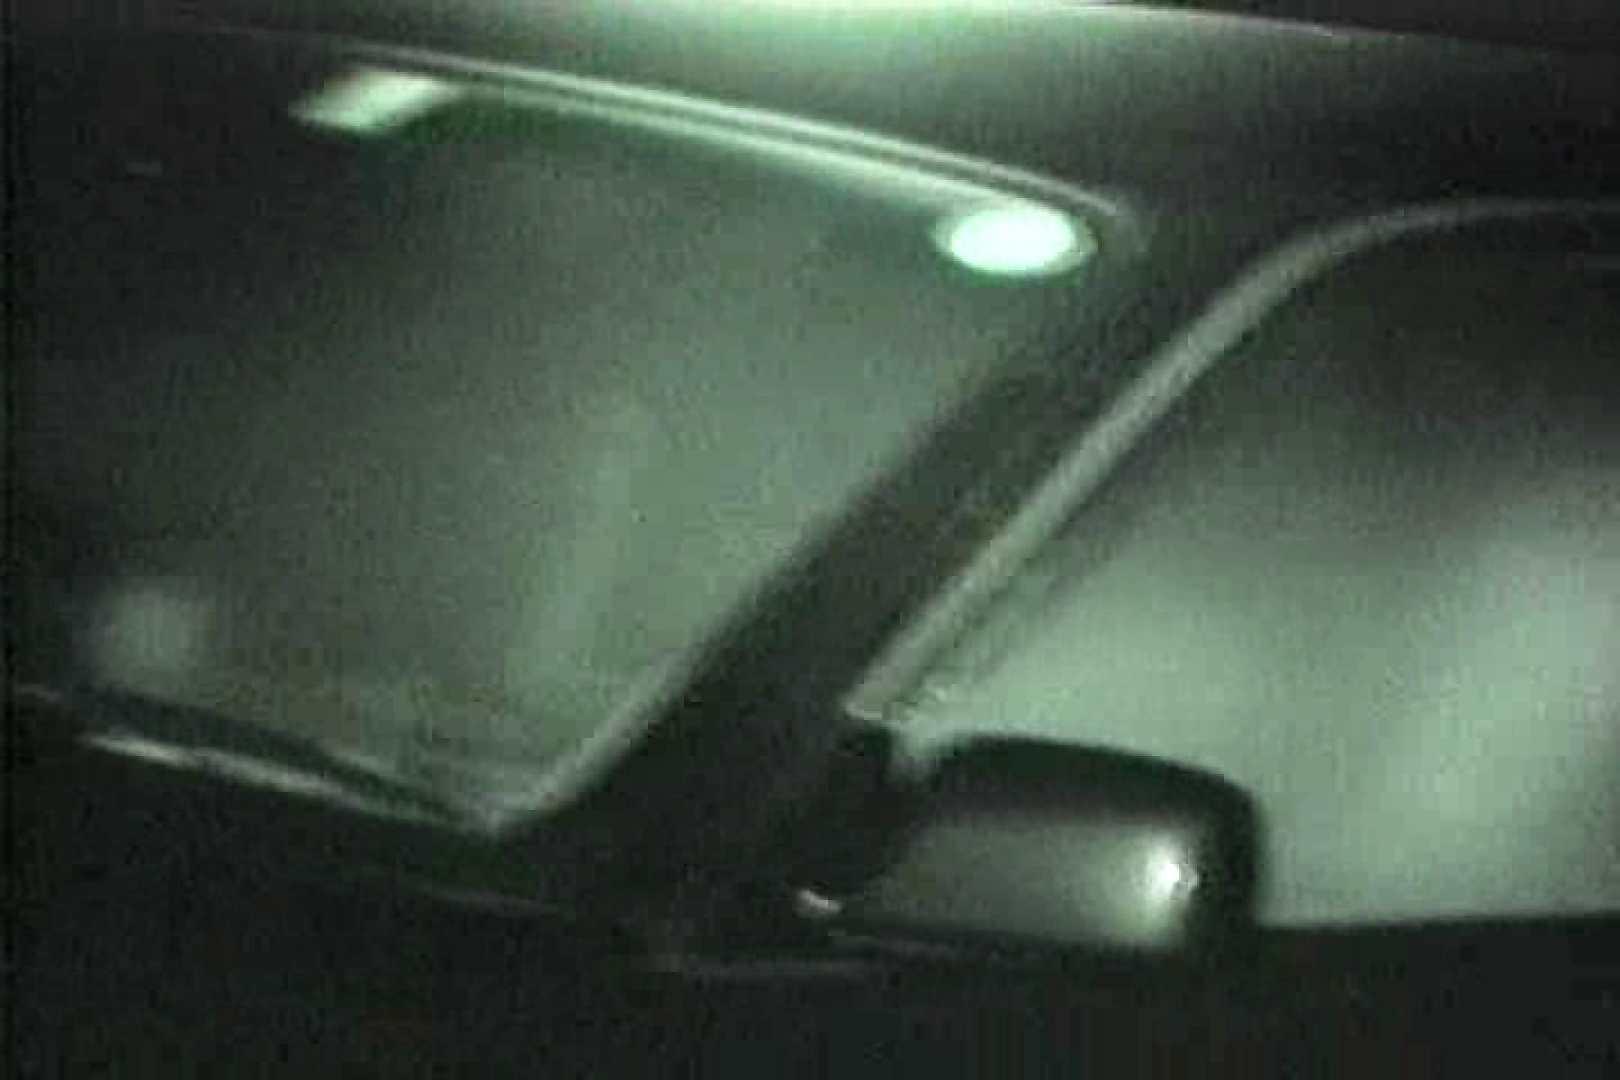 車の中はラブホテル 無修正版  Vol.9 ホテル  88連発 50